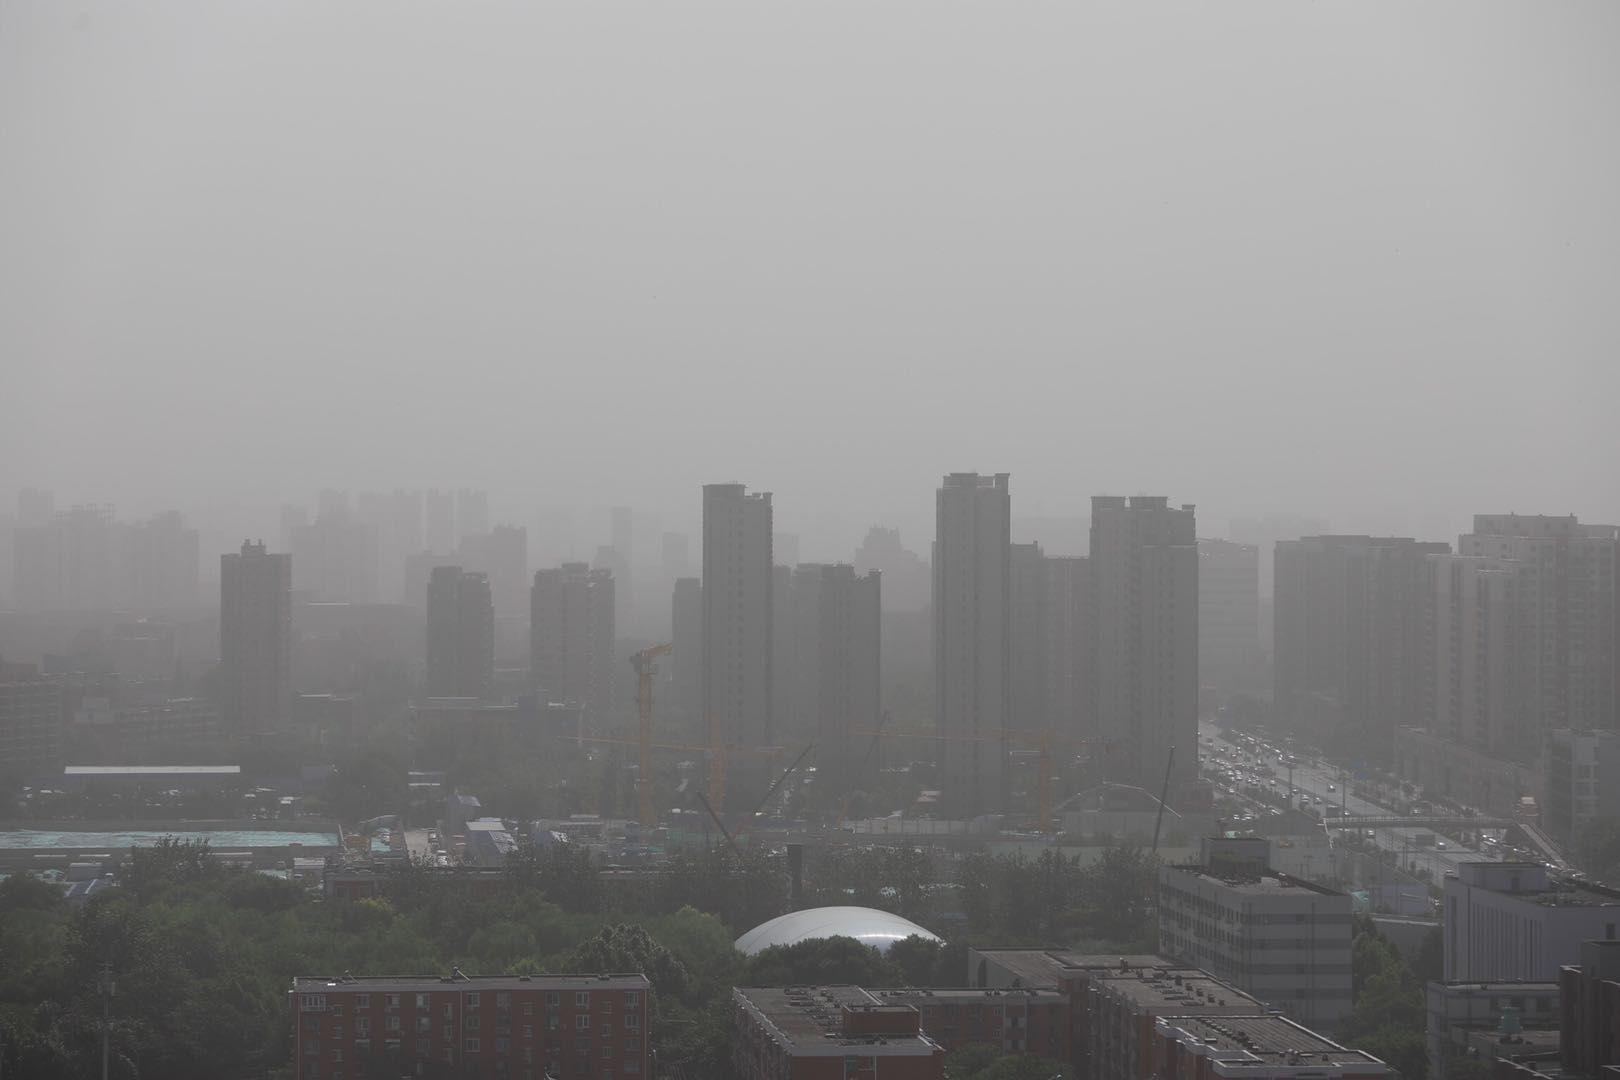 沙尘自西向东影响北京。